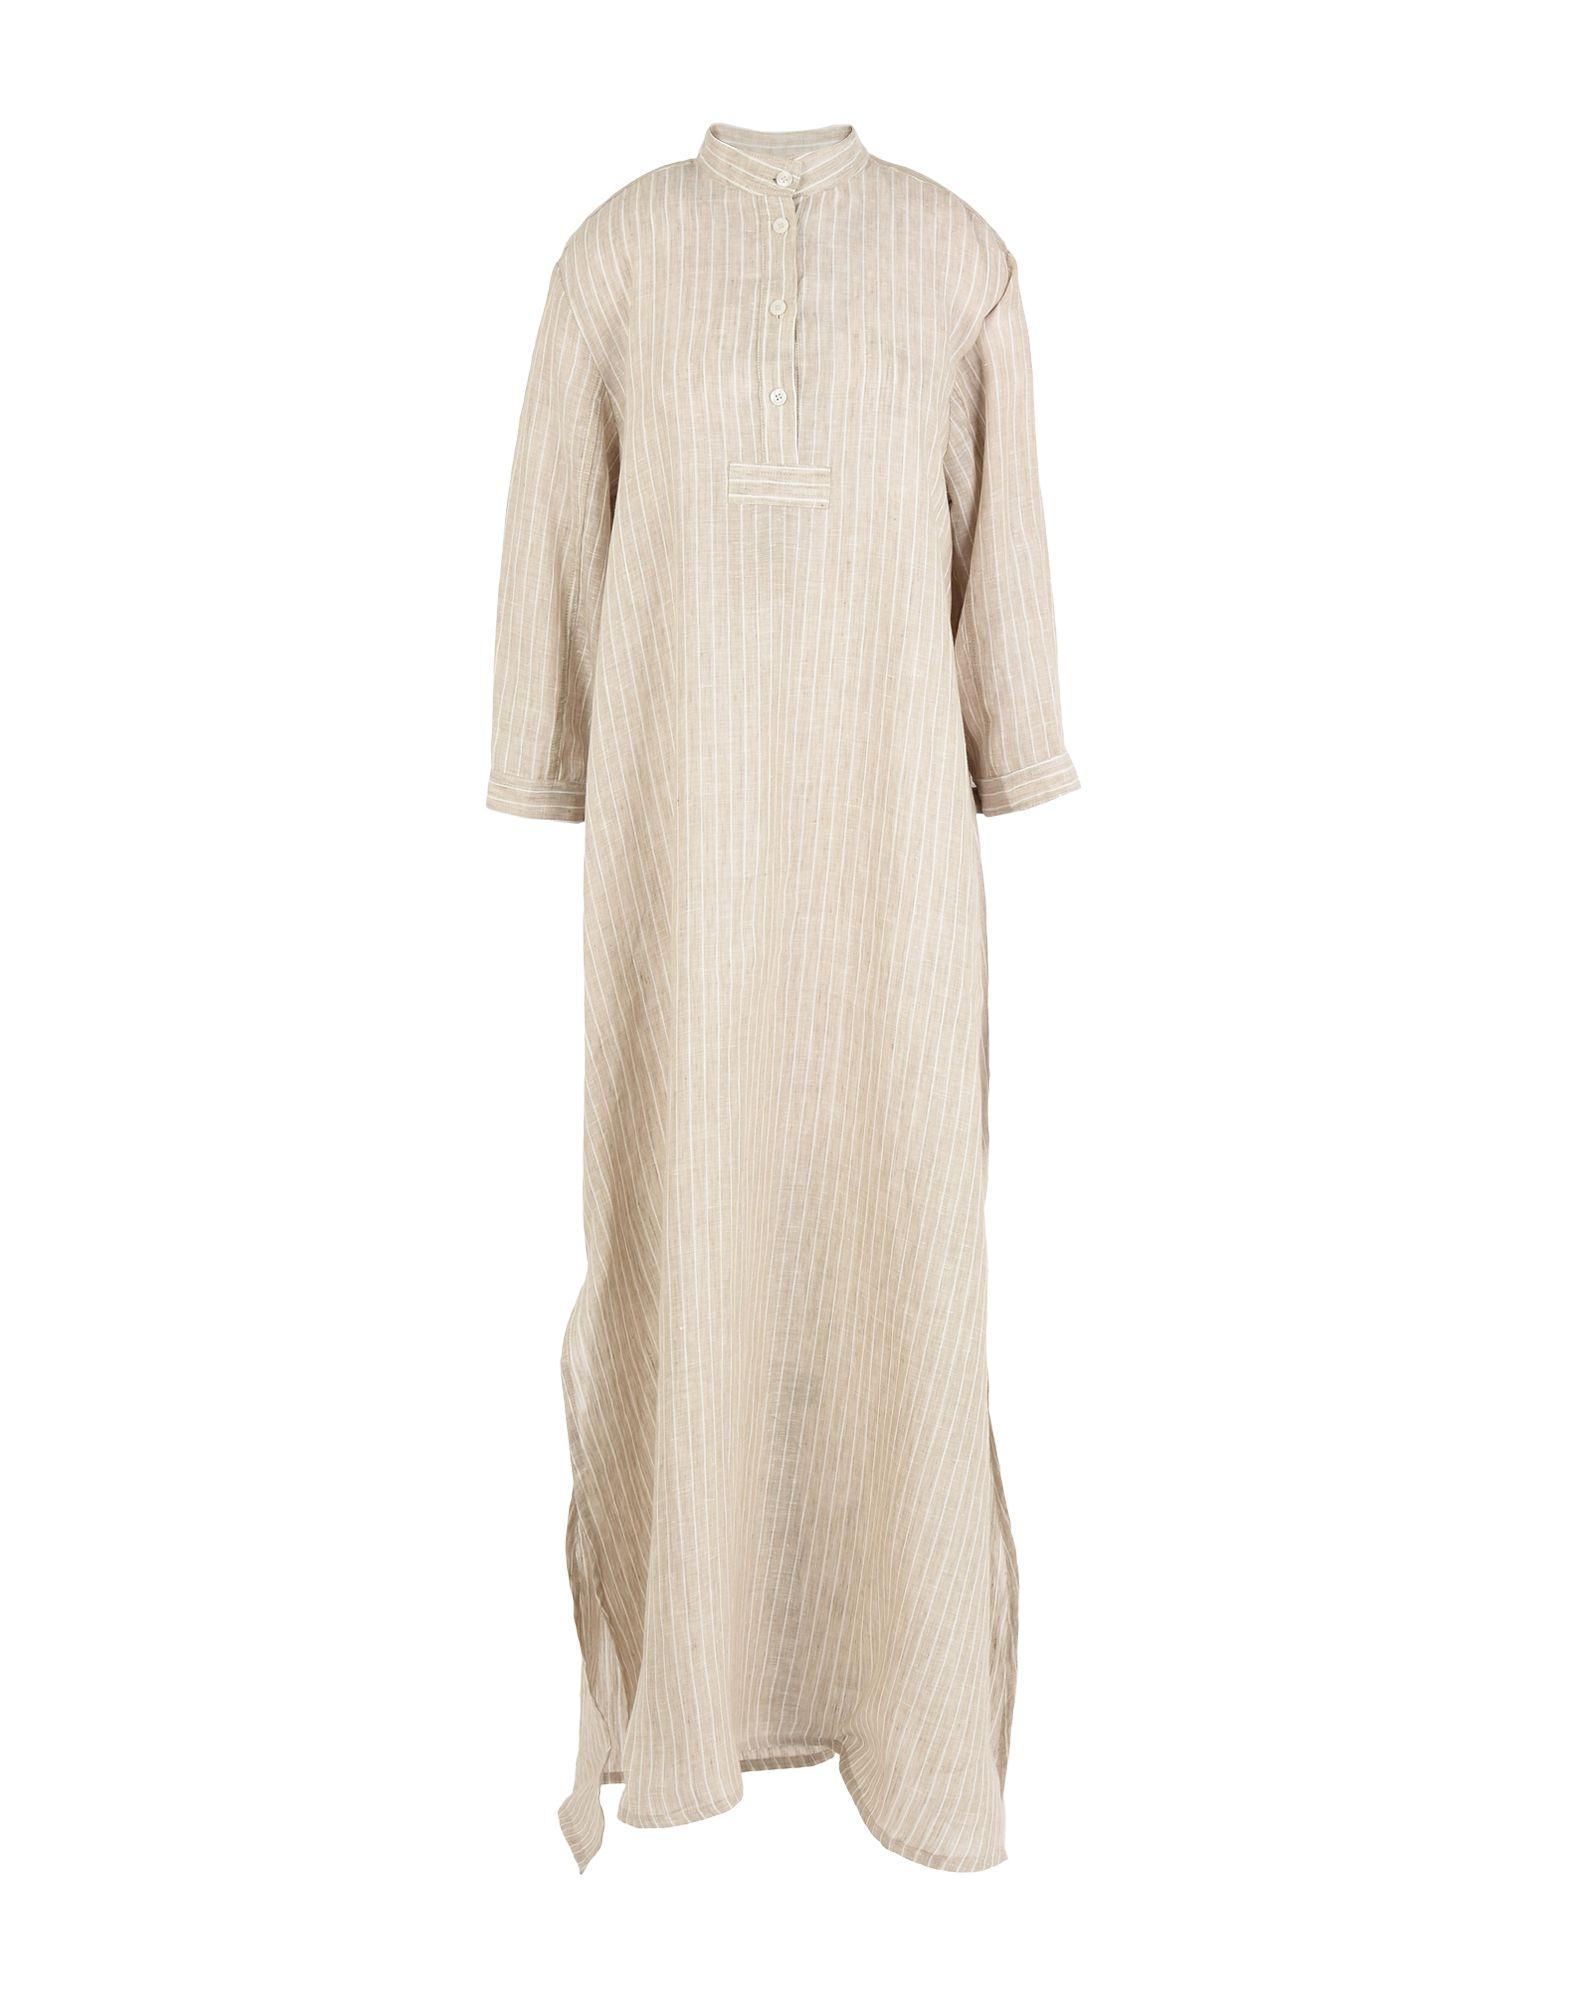 Camicia Da Notte The Sleep Shirt Donna - Acquista online su eSxFgJuw